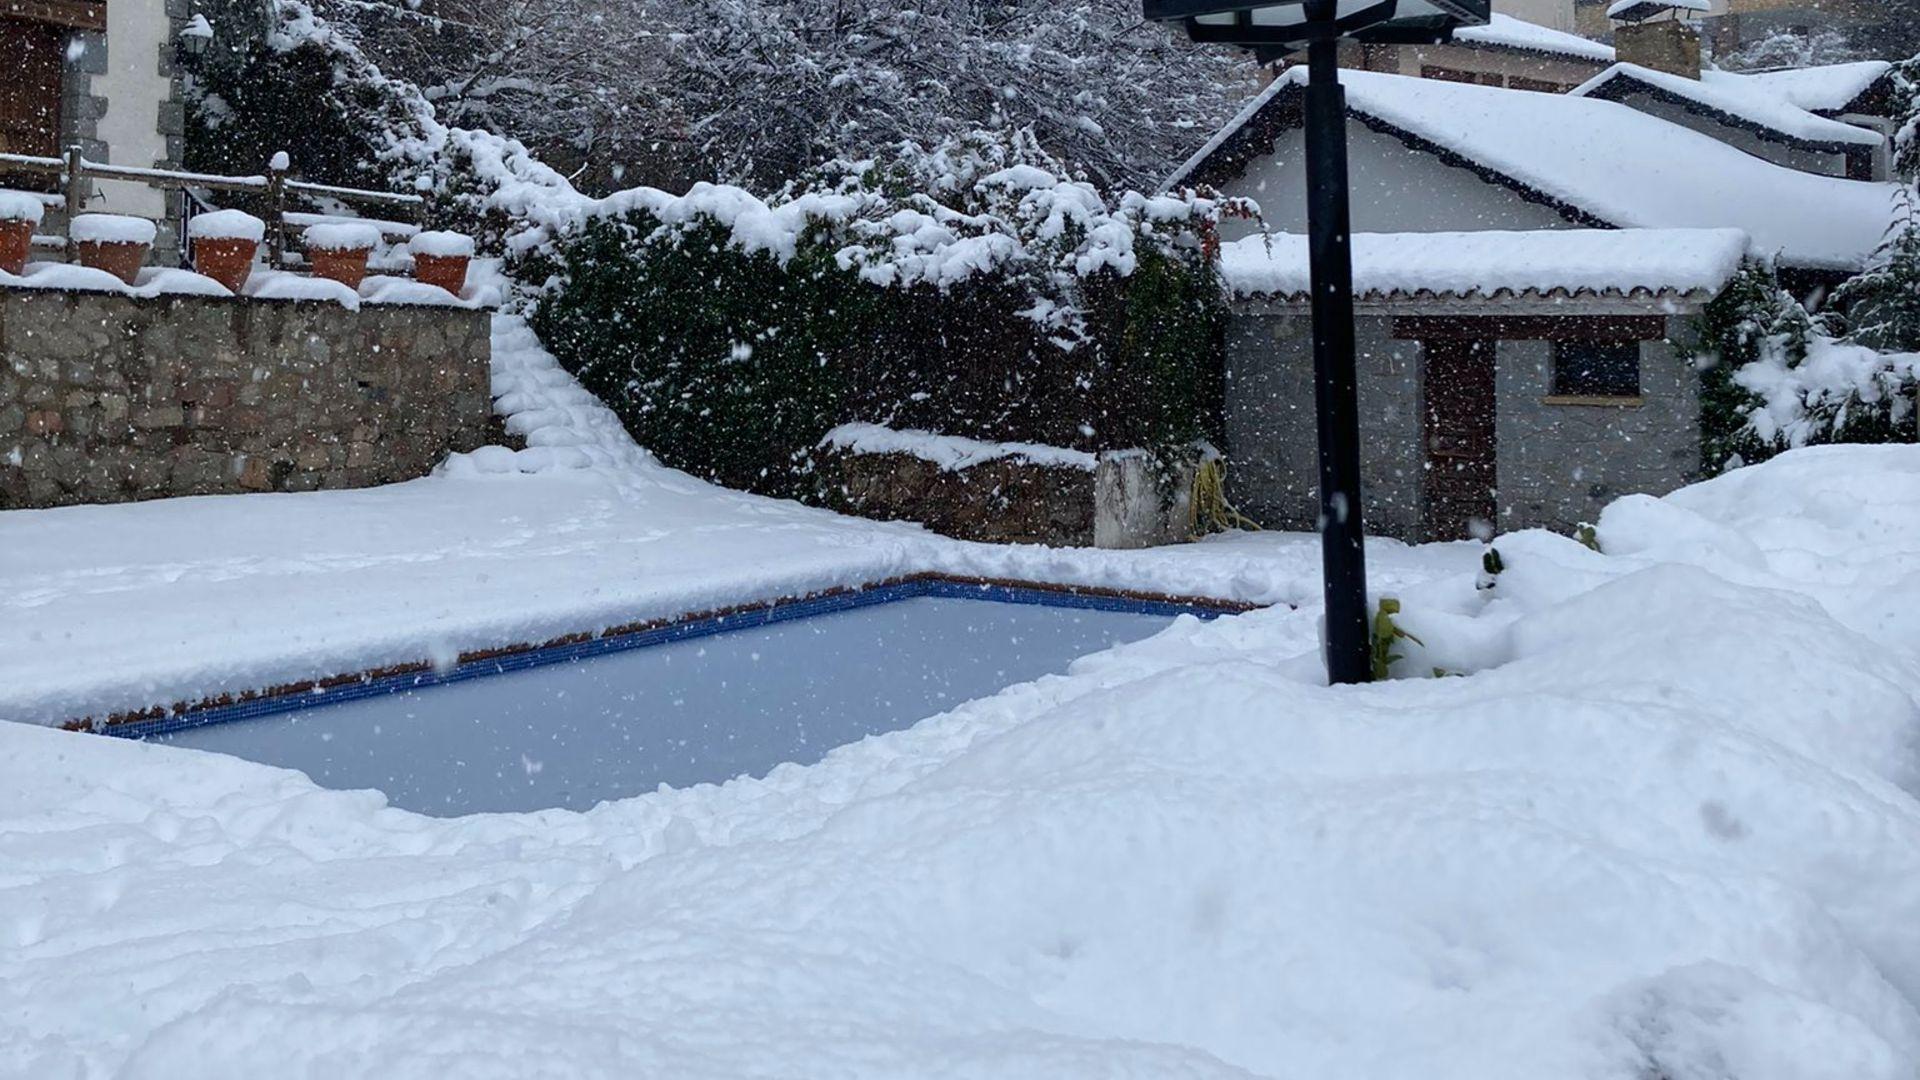 jardí colgat per la neu